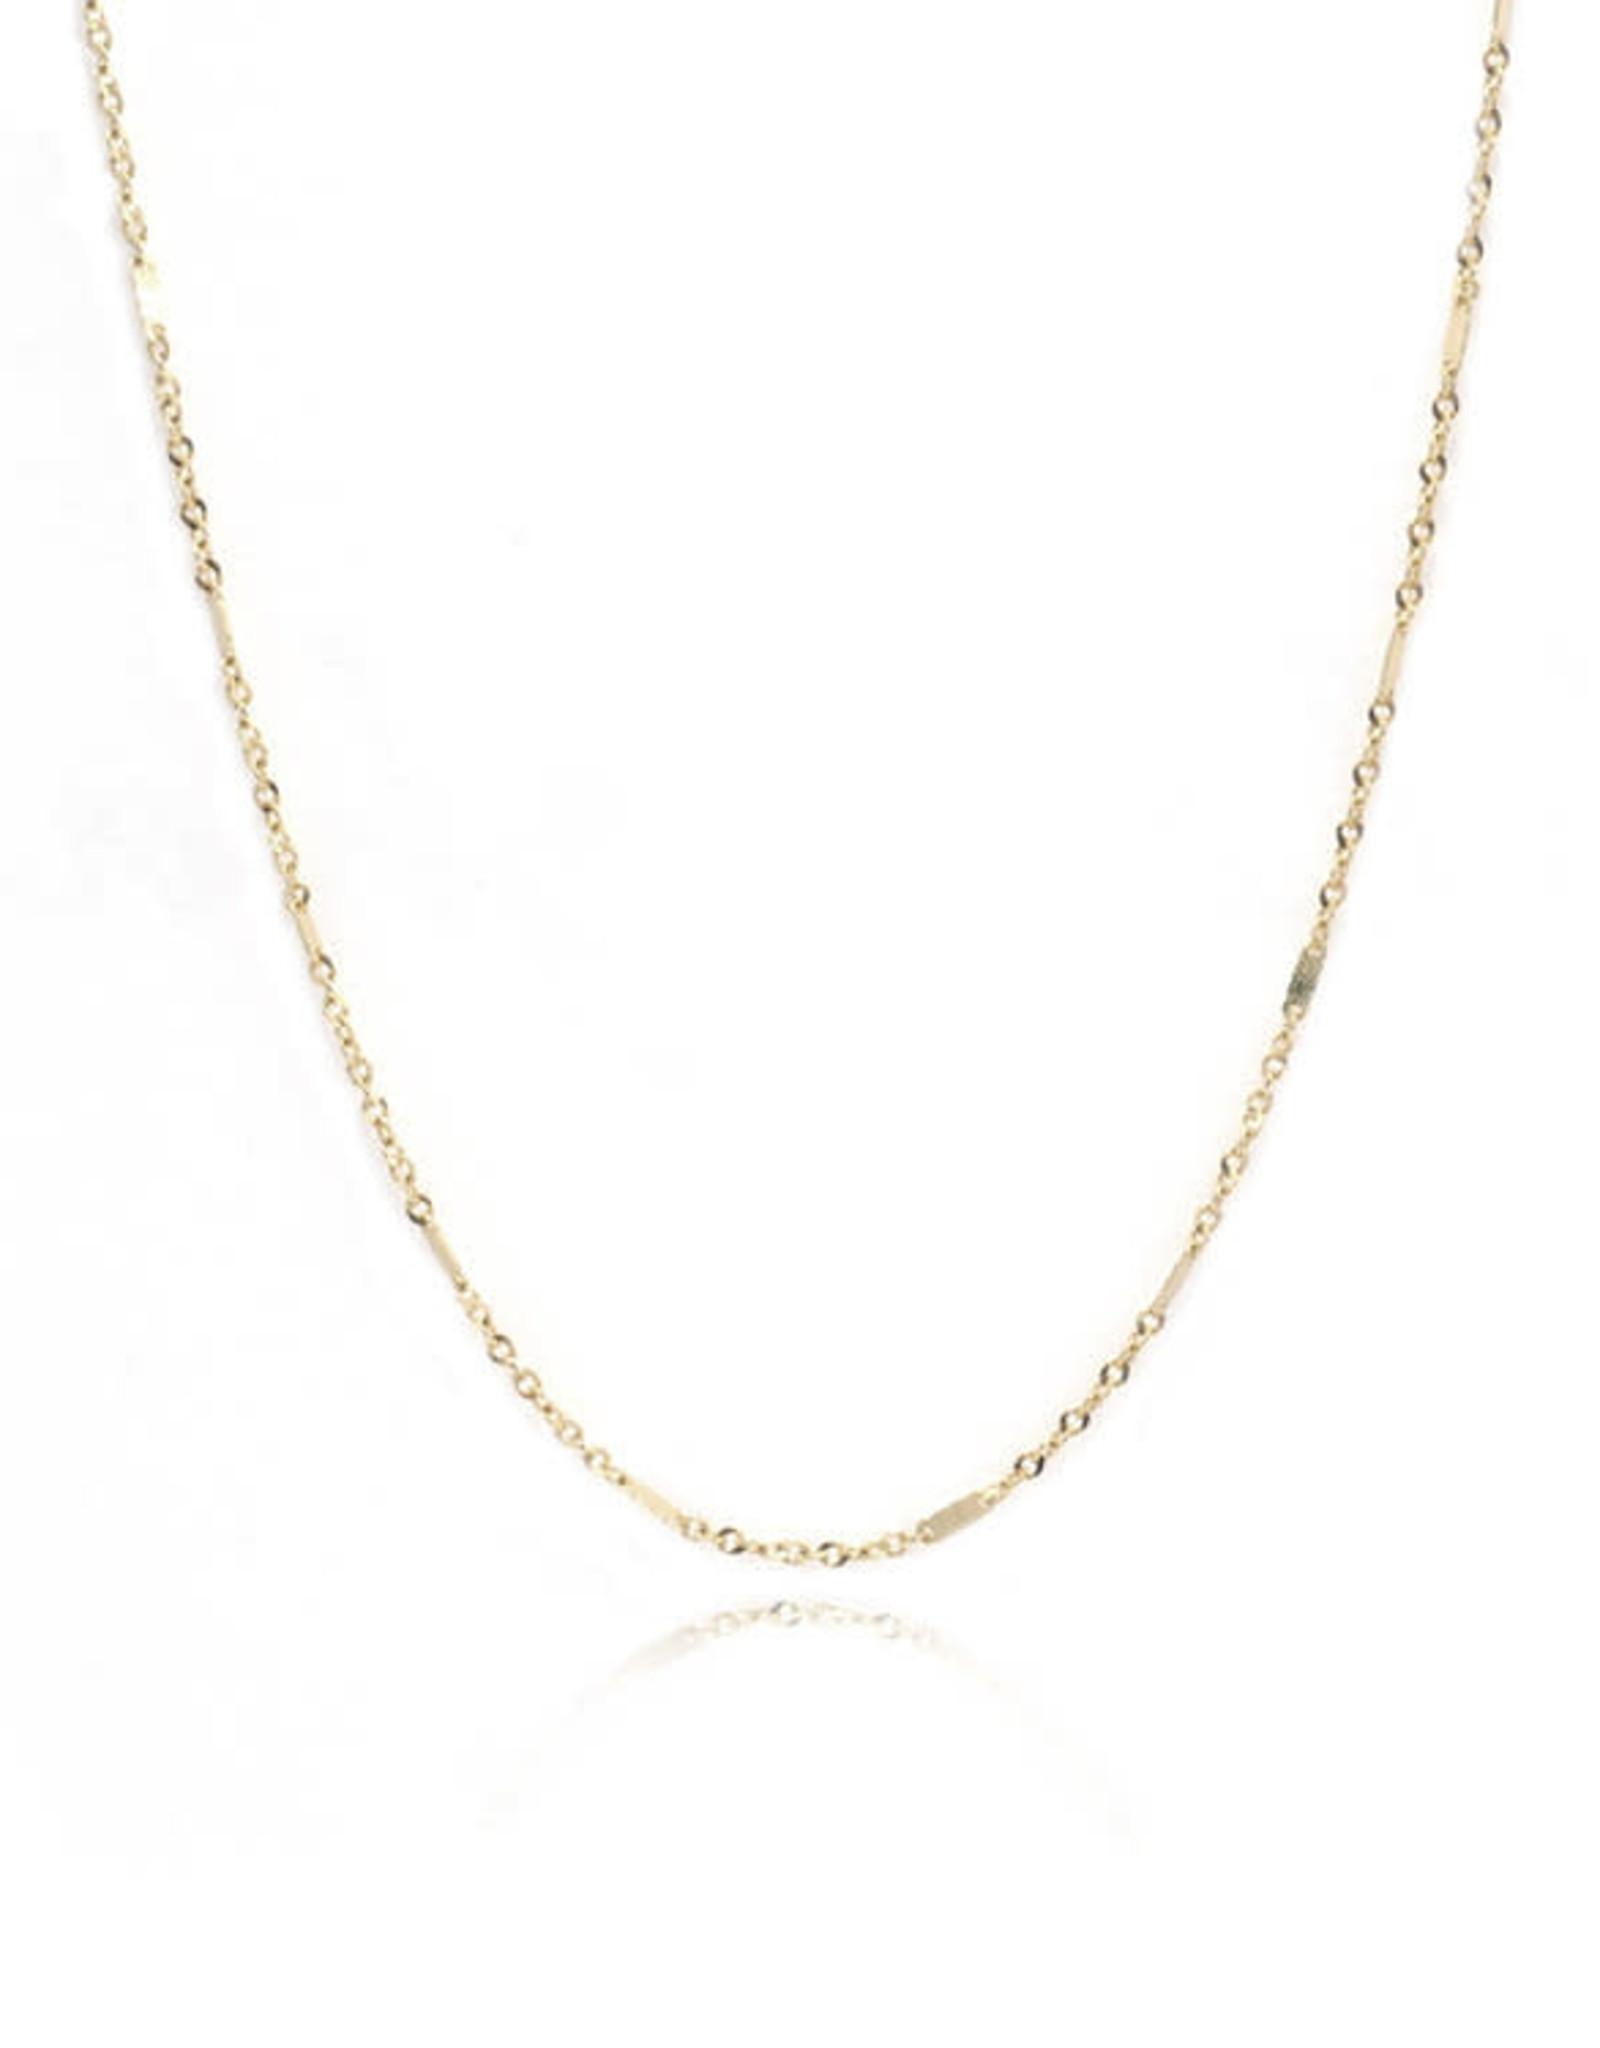 Ashley Zhang Jewelry Lightbeam Chain